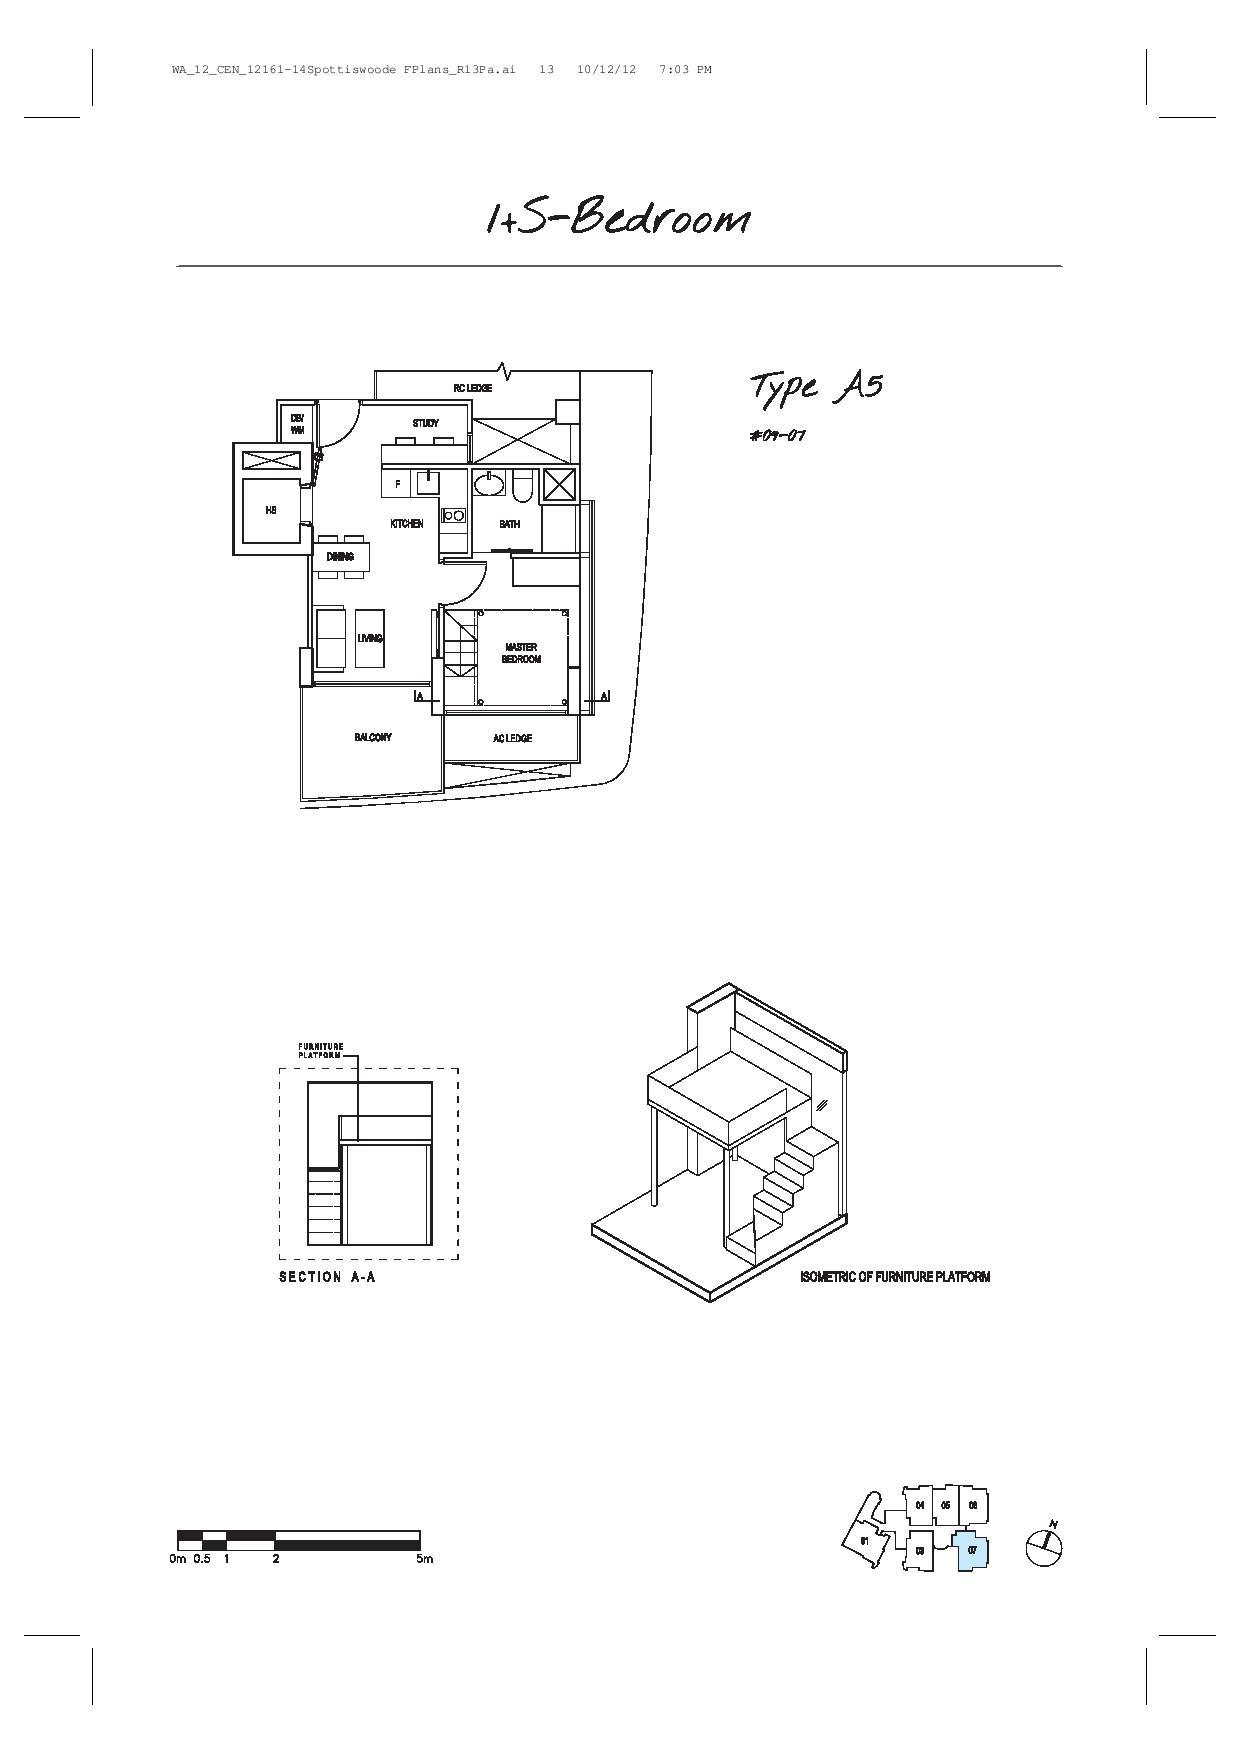 Spottiswoode Suites 1 Bedroom + Study Type A5 Floor Plans